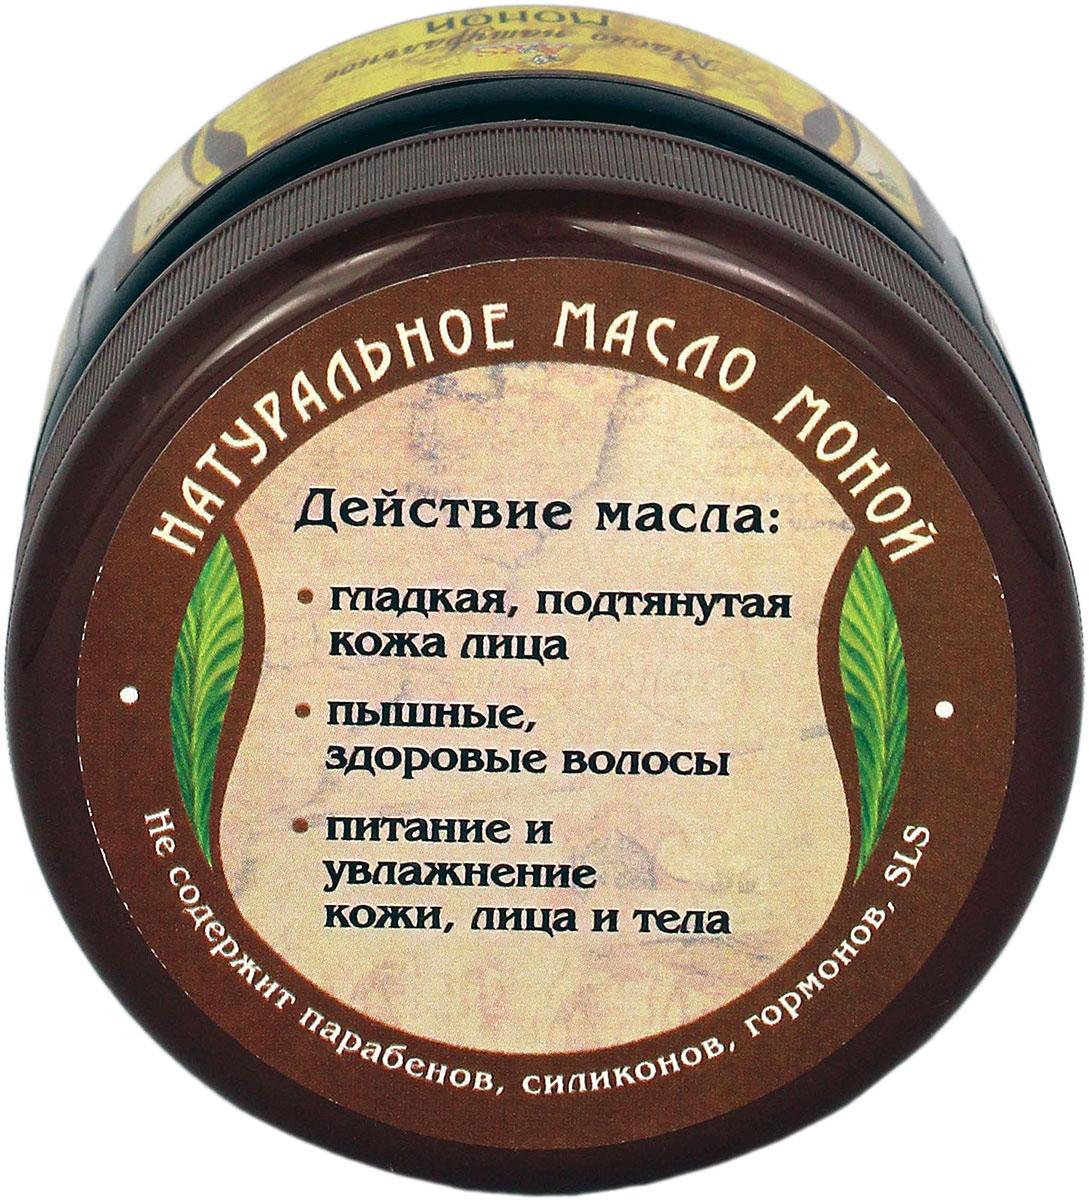 ARS Масло натуральное Моной, 75 гАРС-197На родном таитянском языке масло Моной переводится как священное масло. Масло Моной – это результат анфлеража, или искусства извлечения активных и ароматических компонентов, мягко размачивая цветы в очищенном кокосовом масле. Этой технике приготовления масла почти 2000 лет. Цветок Тиаре (Tiare Flower) Gardenia Taitensis - известный своими целебными свойствами, является ключевым ингредиентом в приготовлении масла Моной. Эфирное масло Тиаре богато множеством активных веществ, которые сохраняются в масле. С помощью цветов лечат мигрени, раны, кожные заболевания. Масло кокоса является превосходным средством для увлажнения и питания сухой, раздраженной, чувствительной кожи. Также оно образует защитную пленку на поверхности кожи, предотвращая обезвоживание, раздражение кожи, возникающее от воздействия неблагоприятных факторов. Впитываясь без остатка, масло великолепно разглаживает поверхность кожи, устраняет мелкие морщинки, обеспечивает коже необходимое питание, делает...